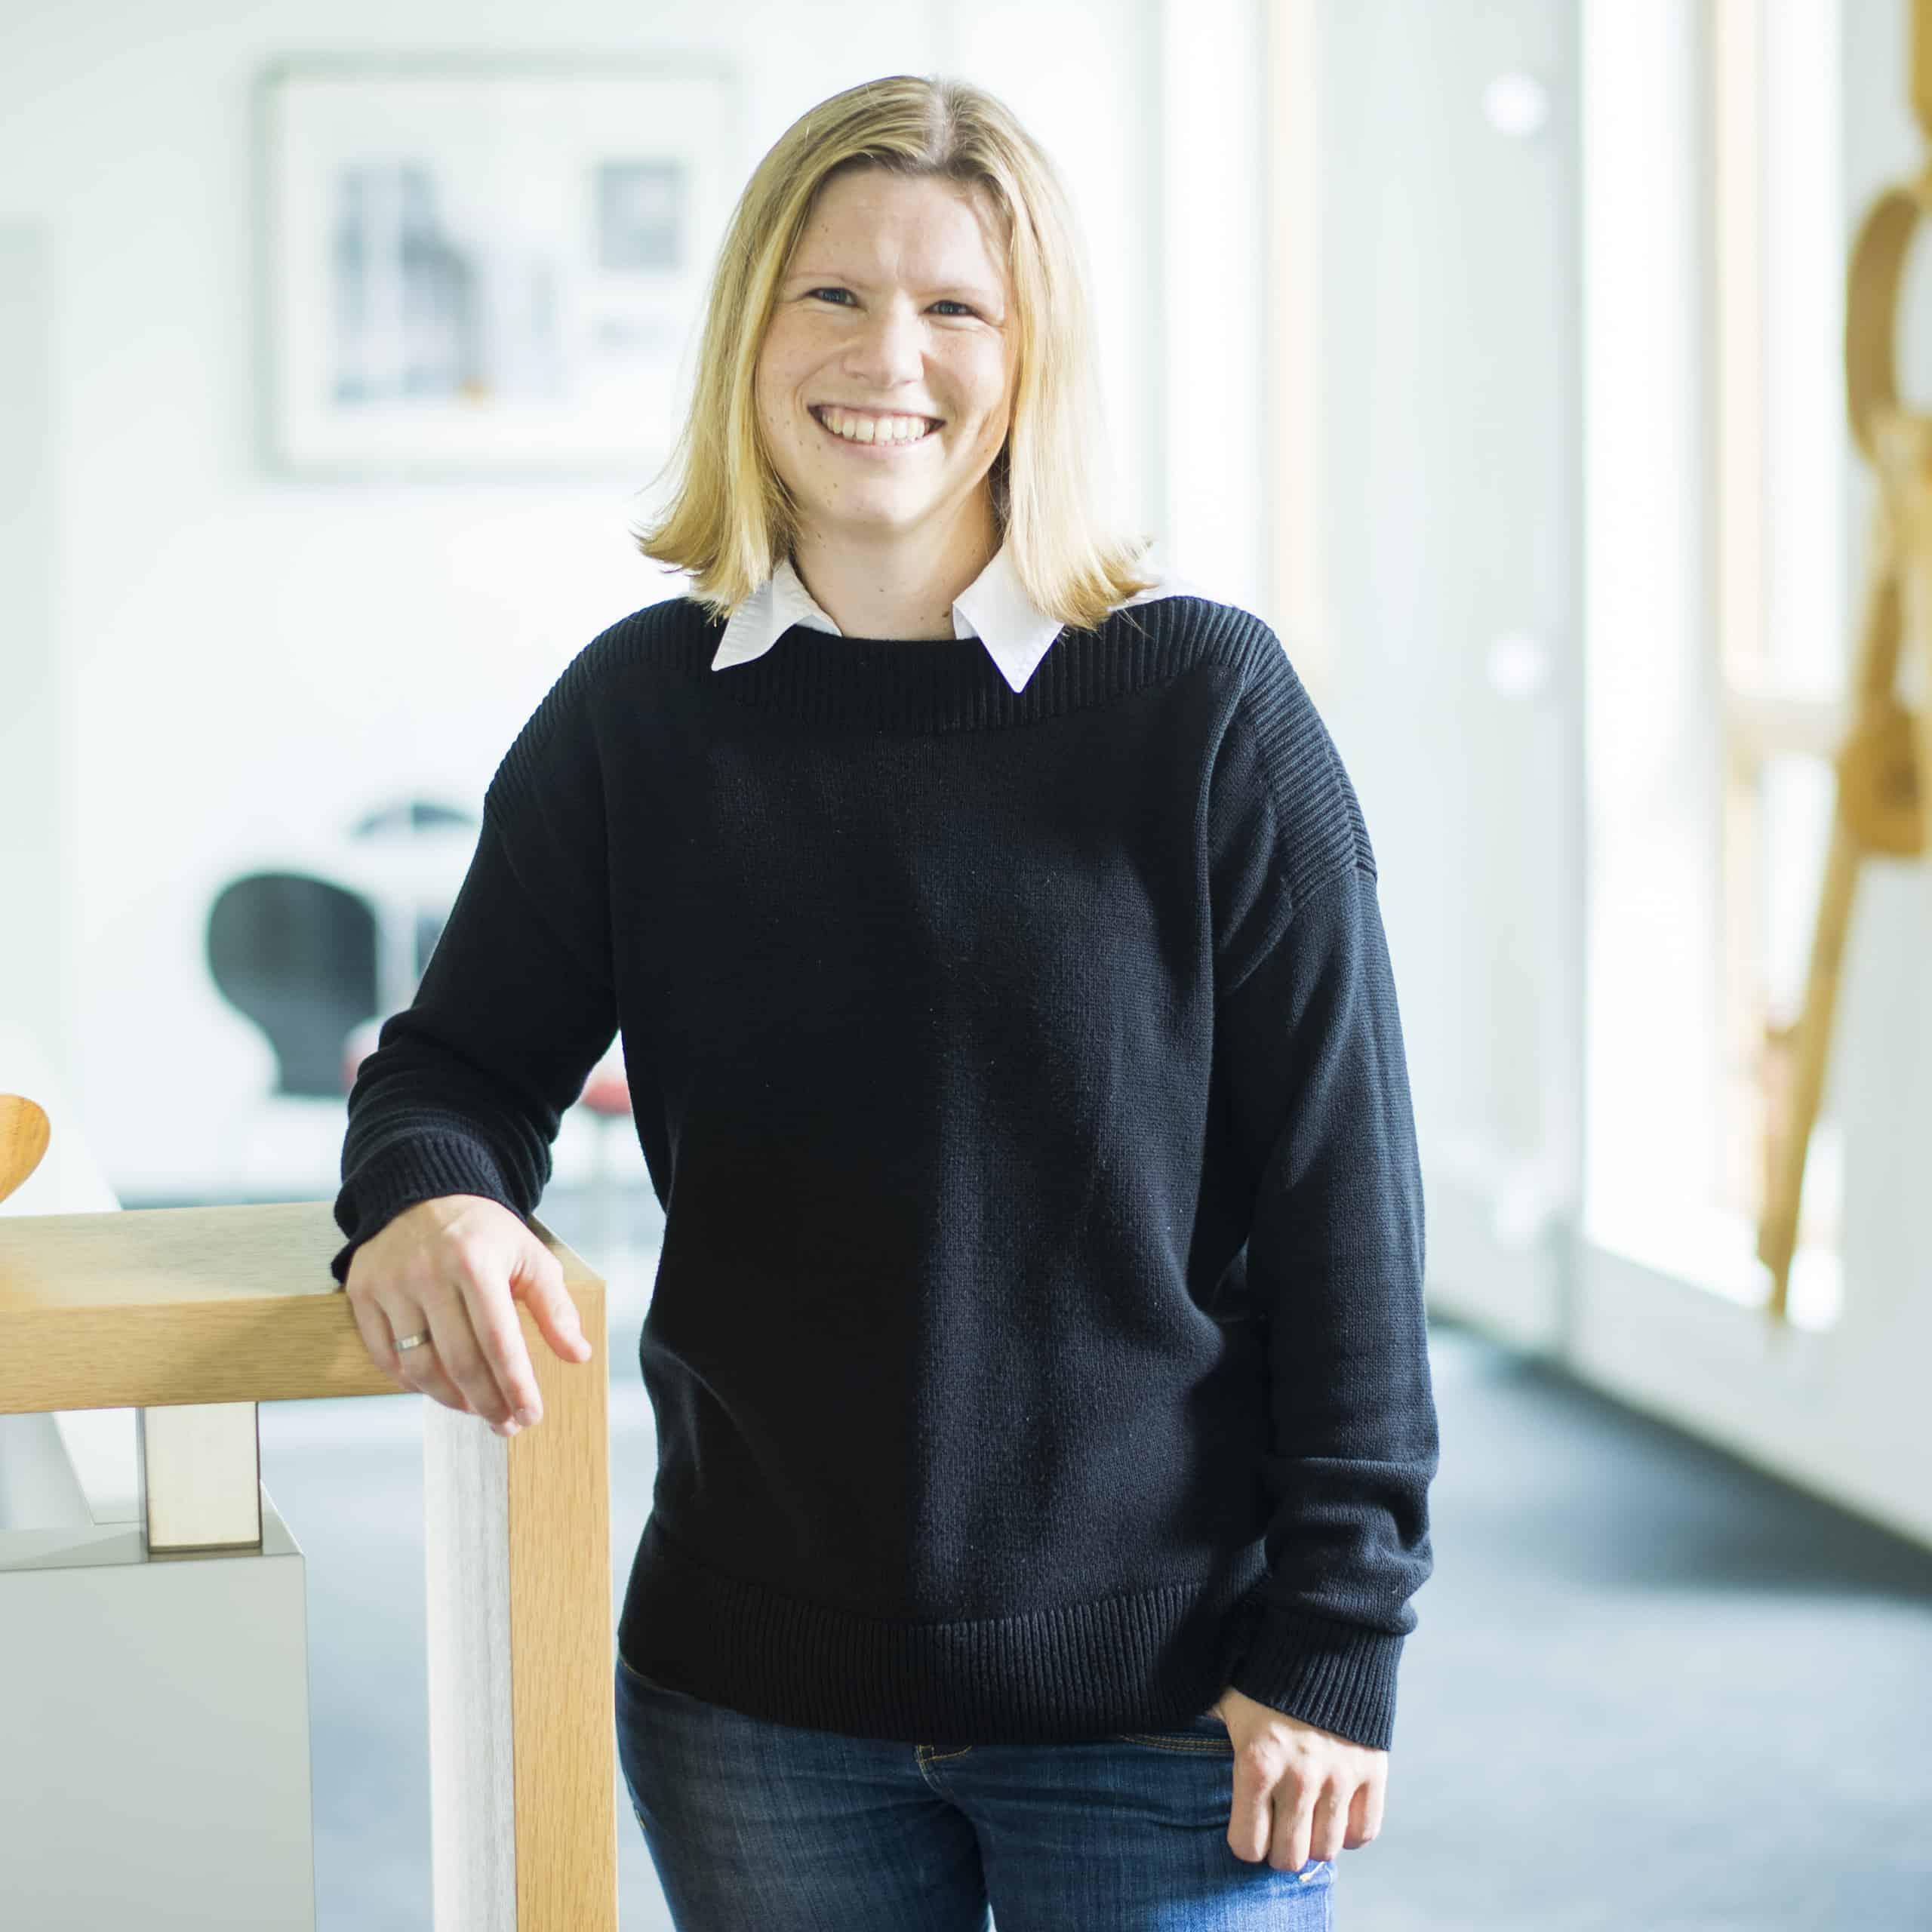 Anna Becker | Dipl.-Ing. (FH) Architektin | Projektleitung/Ausführungsplanung | PLAN.CONCEPT Architekten GmbH